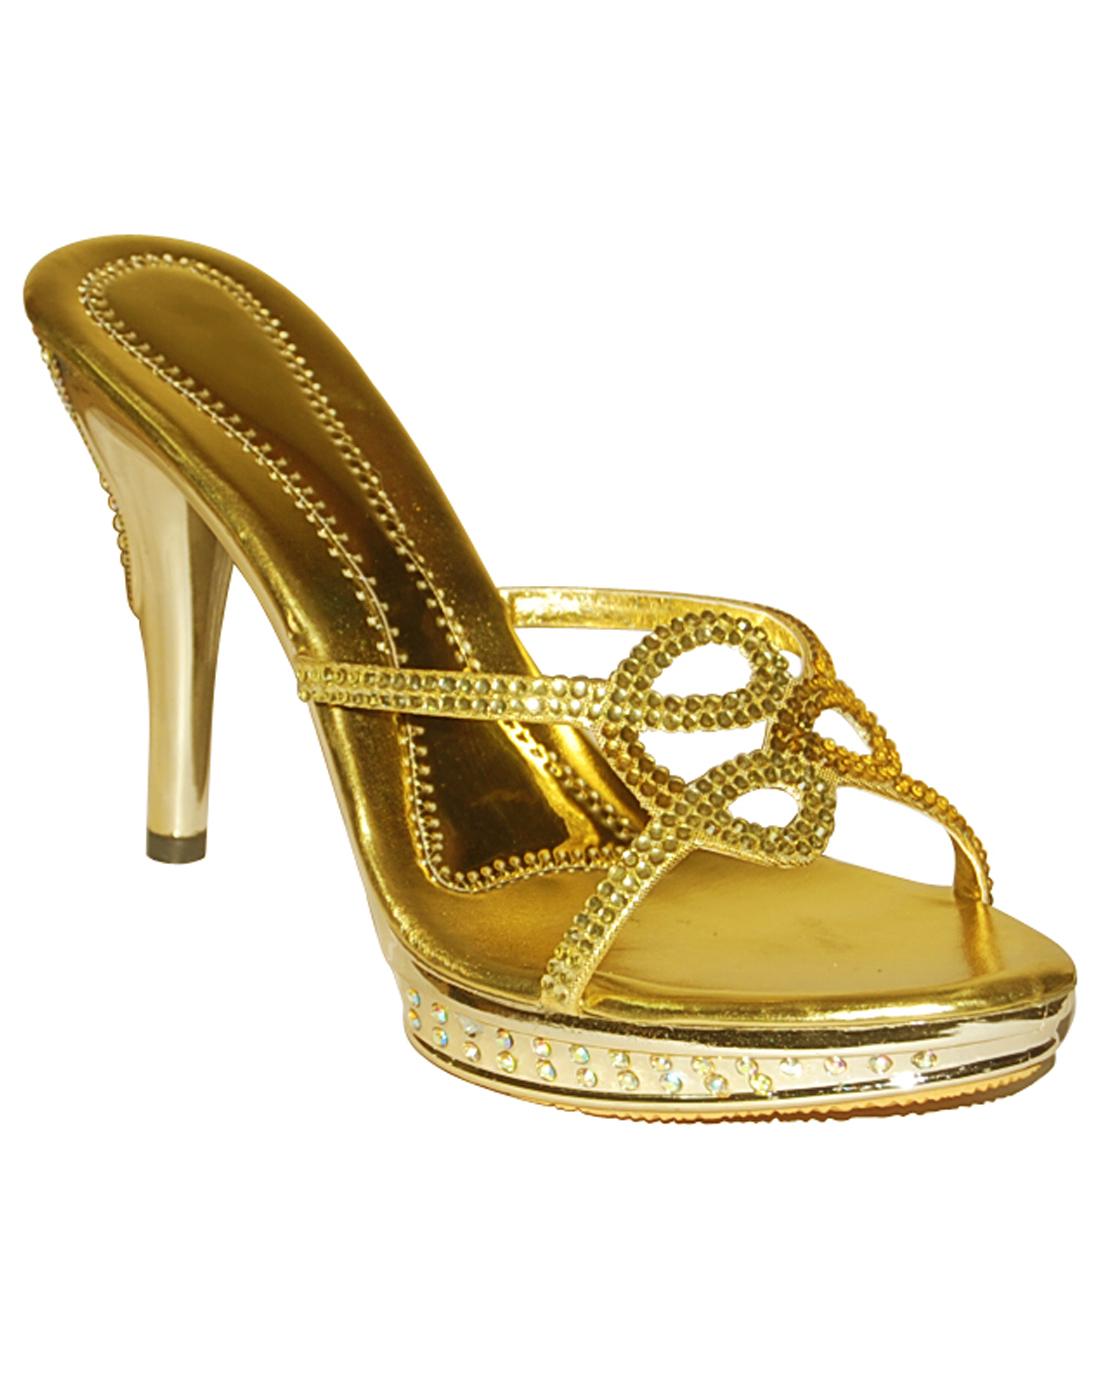 golden slipper 28 images golden slipper 28 images 2016 longines golden slipper cinderella s. Black Bedroom Furniture Sets. Home Design Ideas